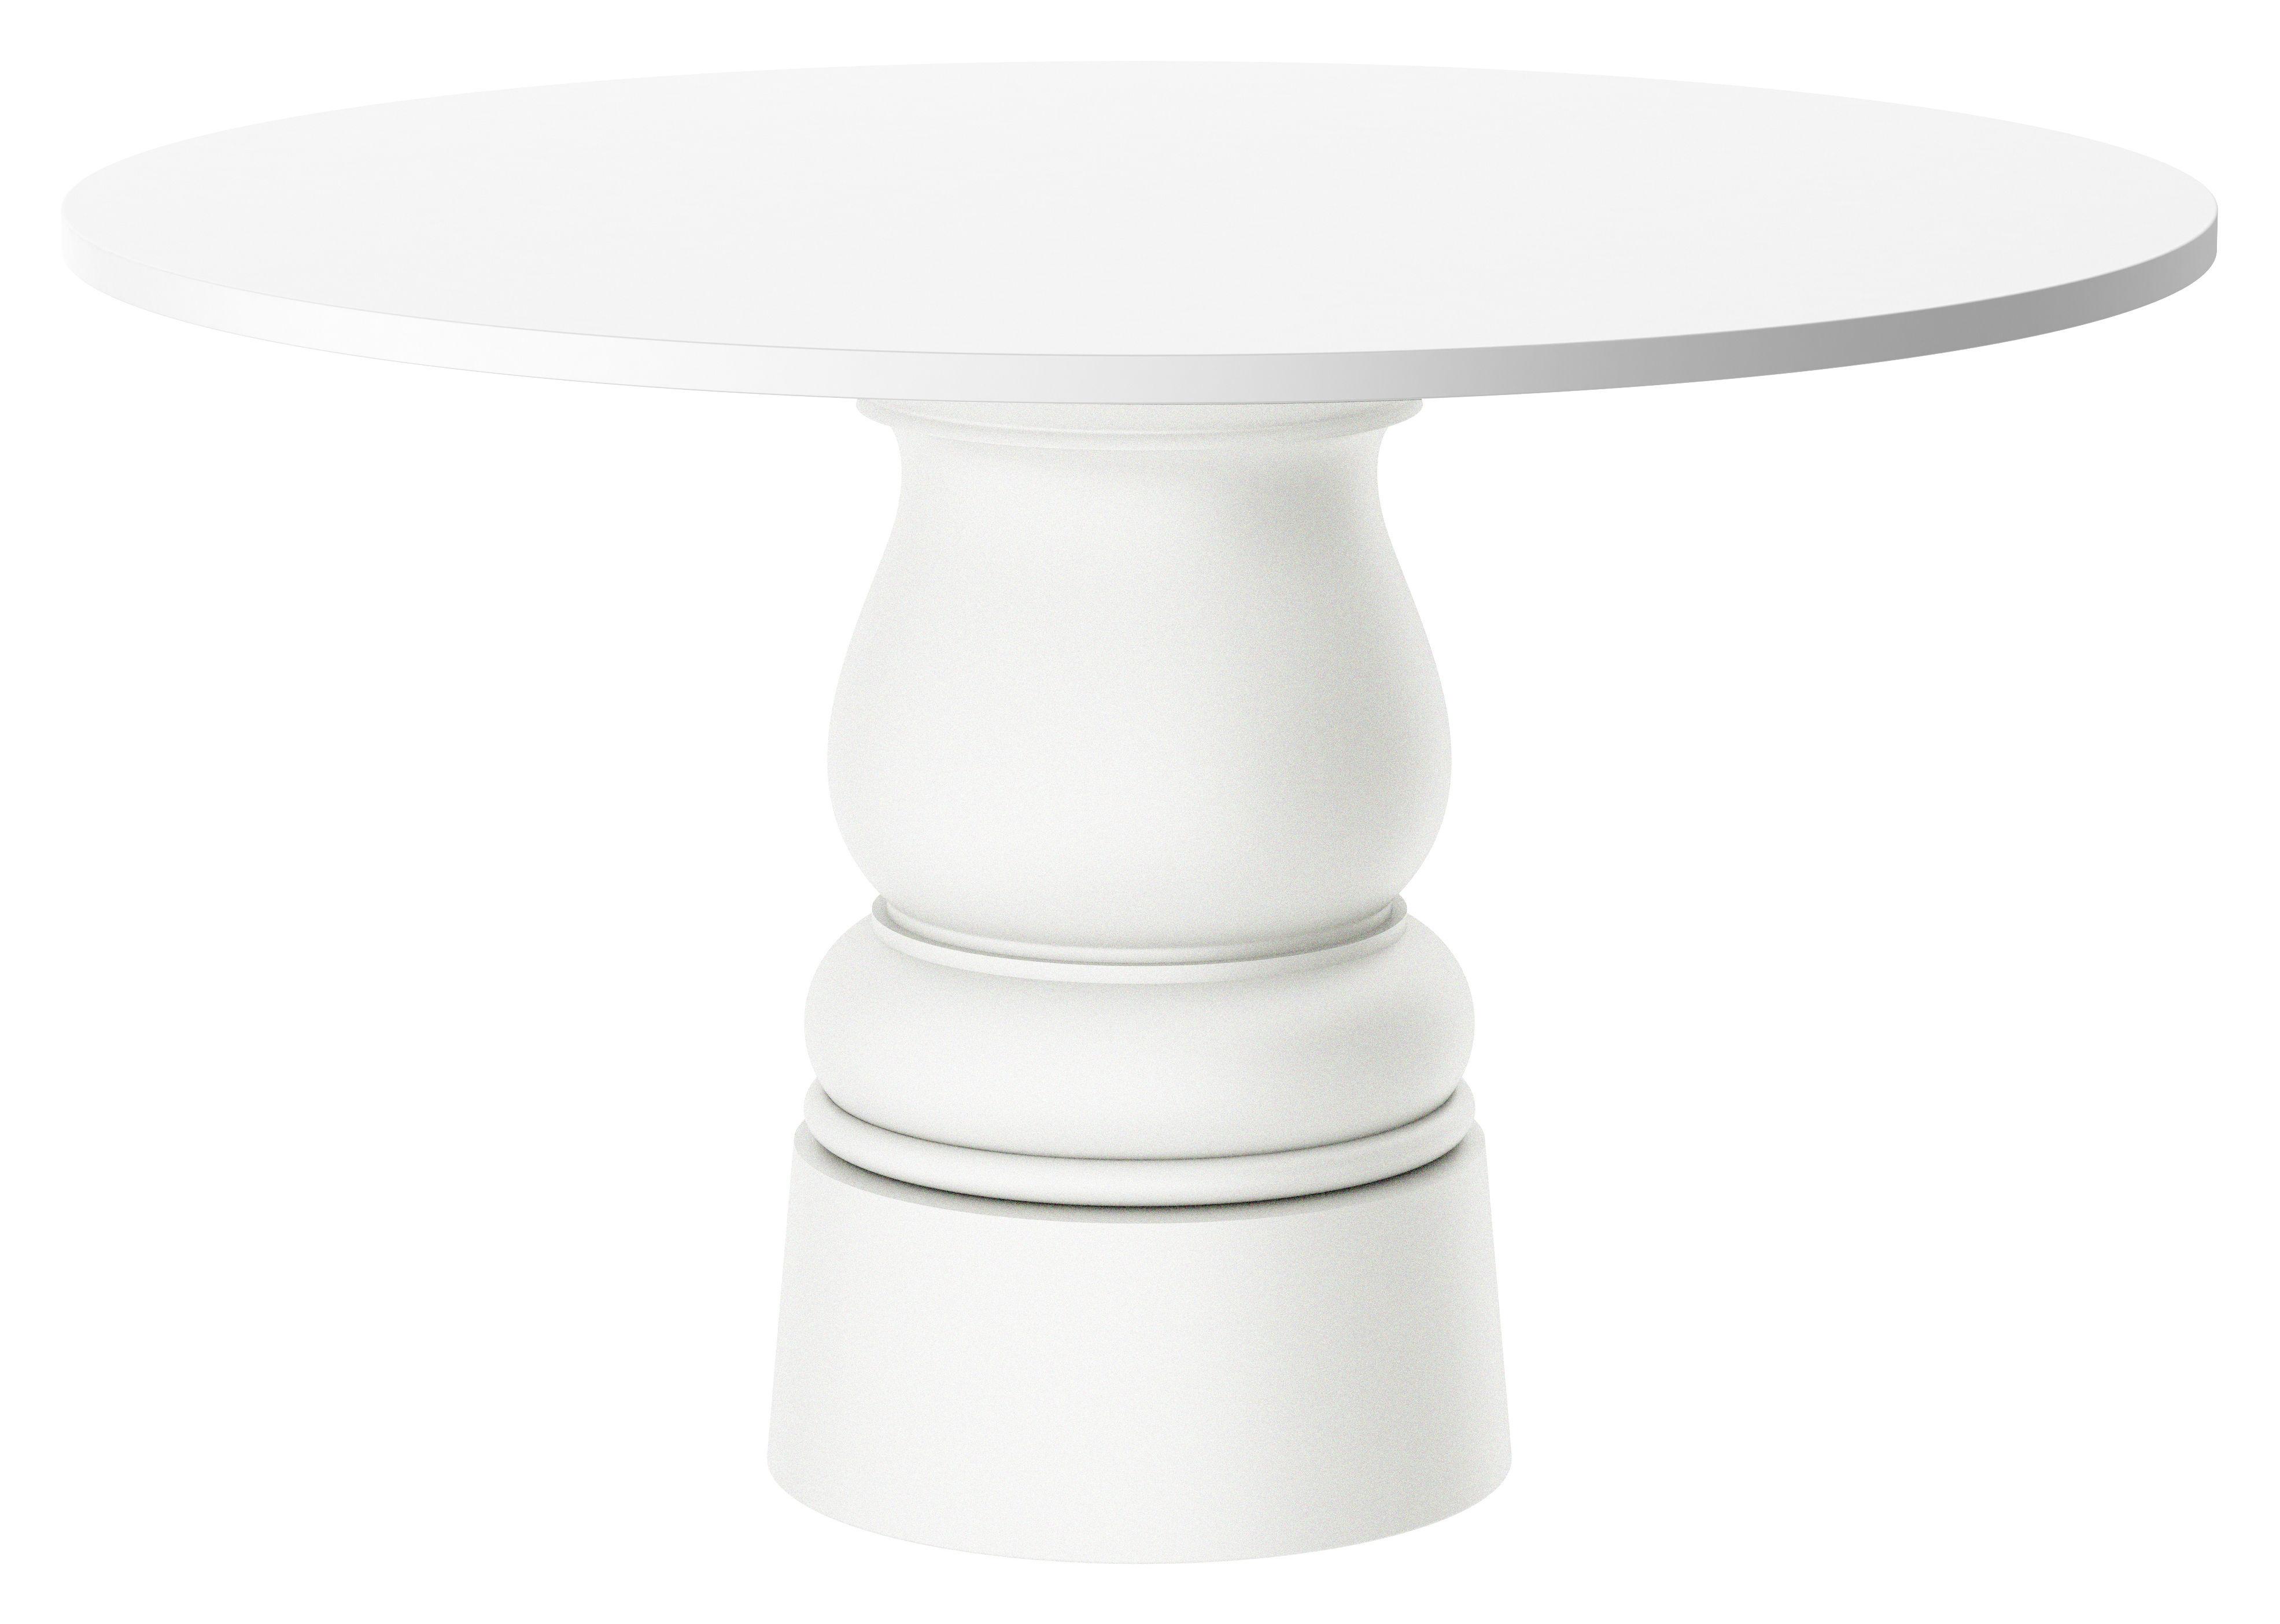 Jardin - Tables de jardin - Pied de table Container New Antique / H 71 cm - Pour plateau Ø 140 cm - Moooi - Pied blanc - Ø 43 x H 71 cm - Acier inoxydable, Polyéthylène